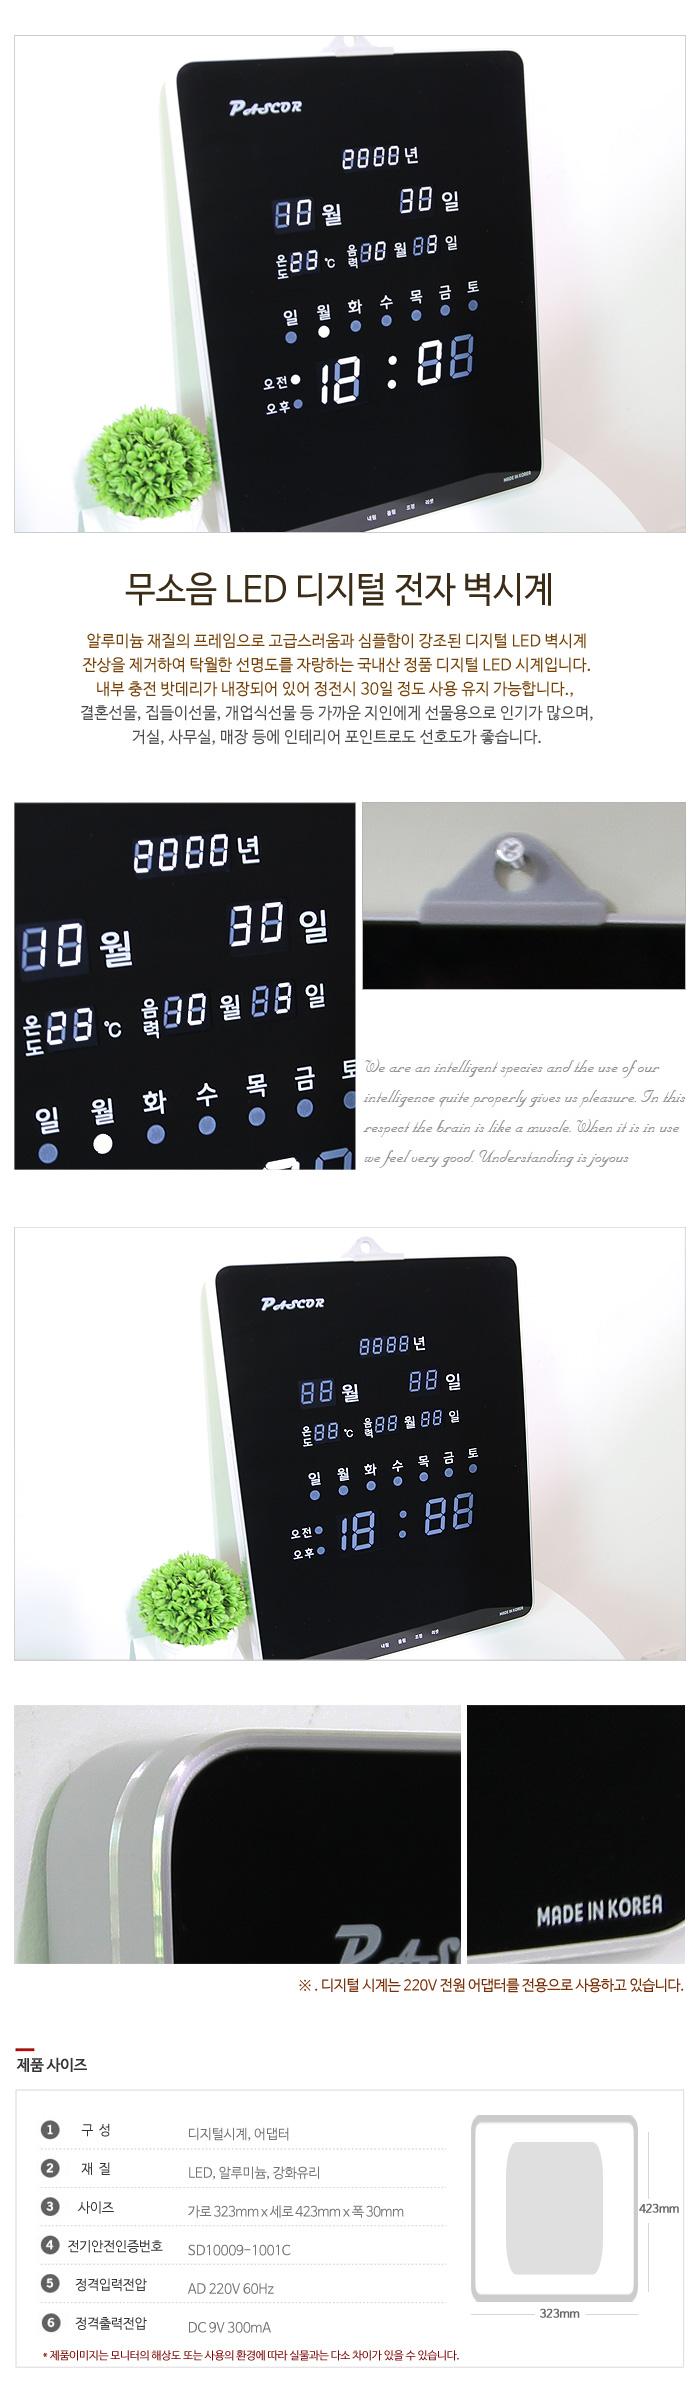 무소음 LED 디지털 벽시계 SDY-324W (온도 년월일 음력 요일 시분) - 선도아트, 68,300원, 벽시계, LED/디지털벽시계